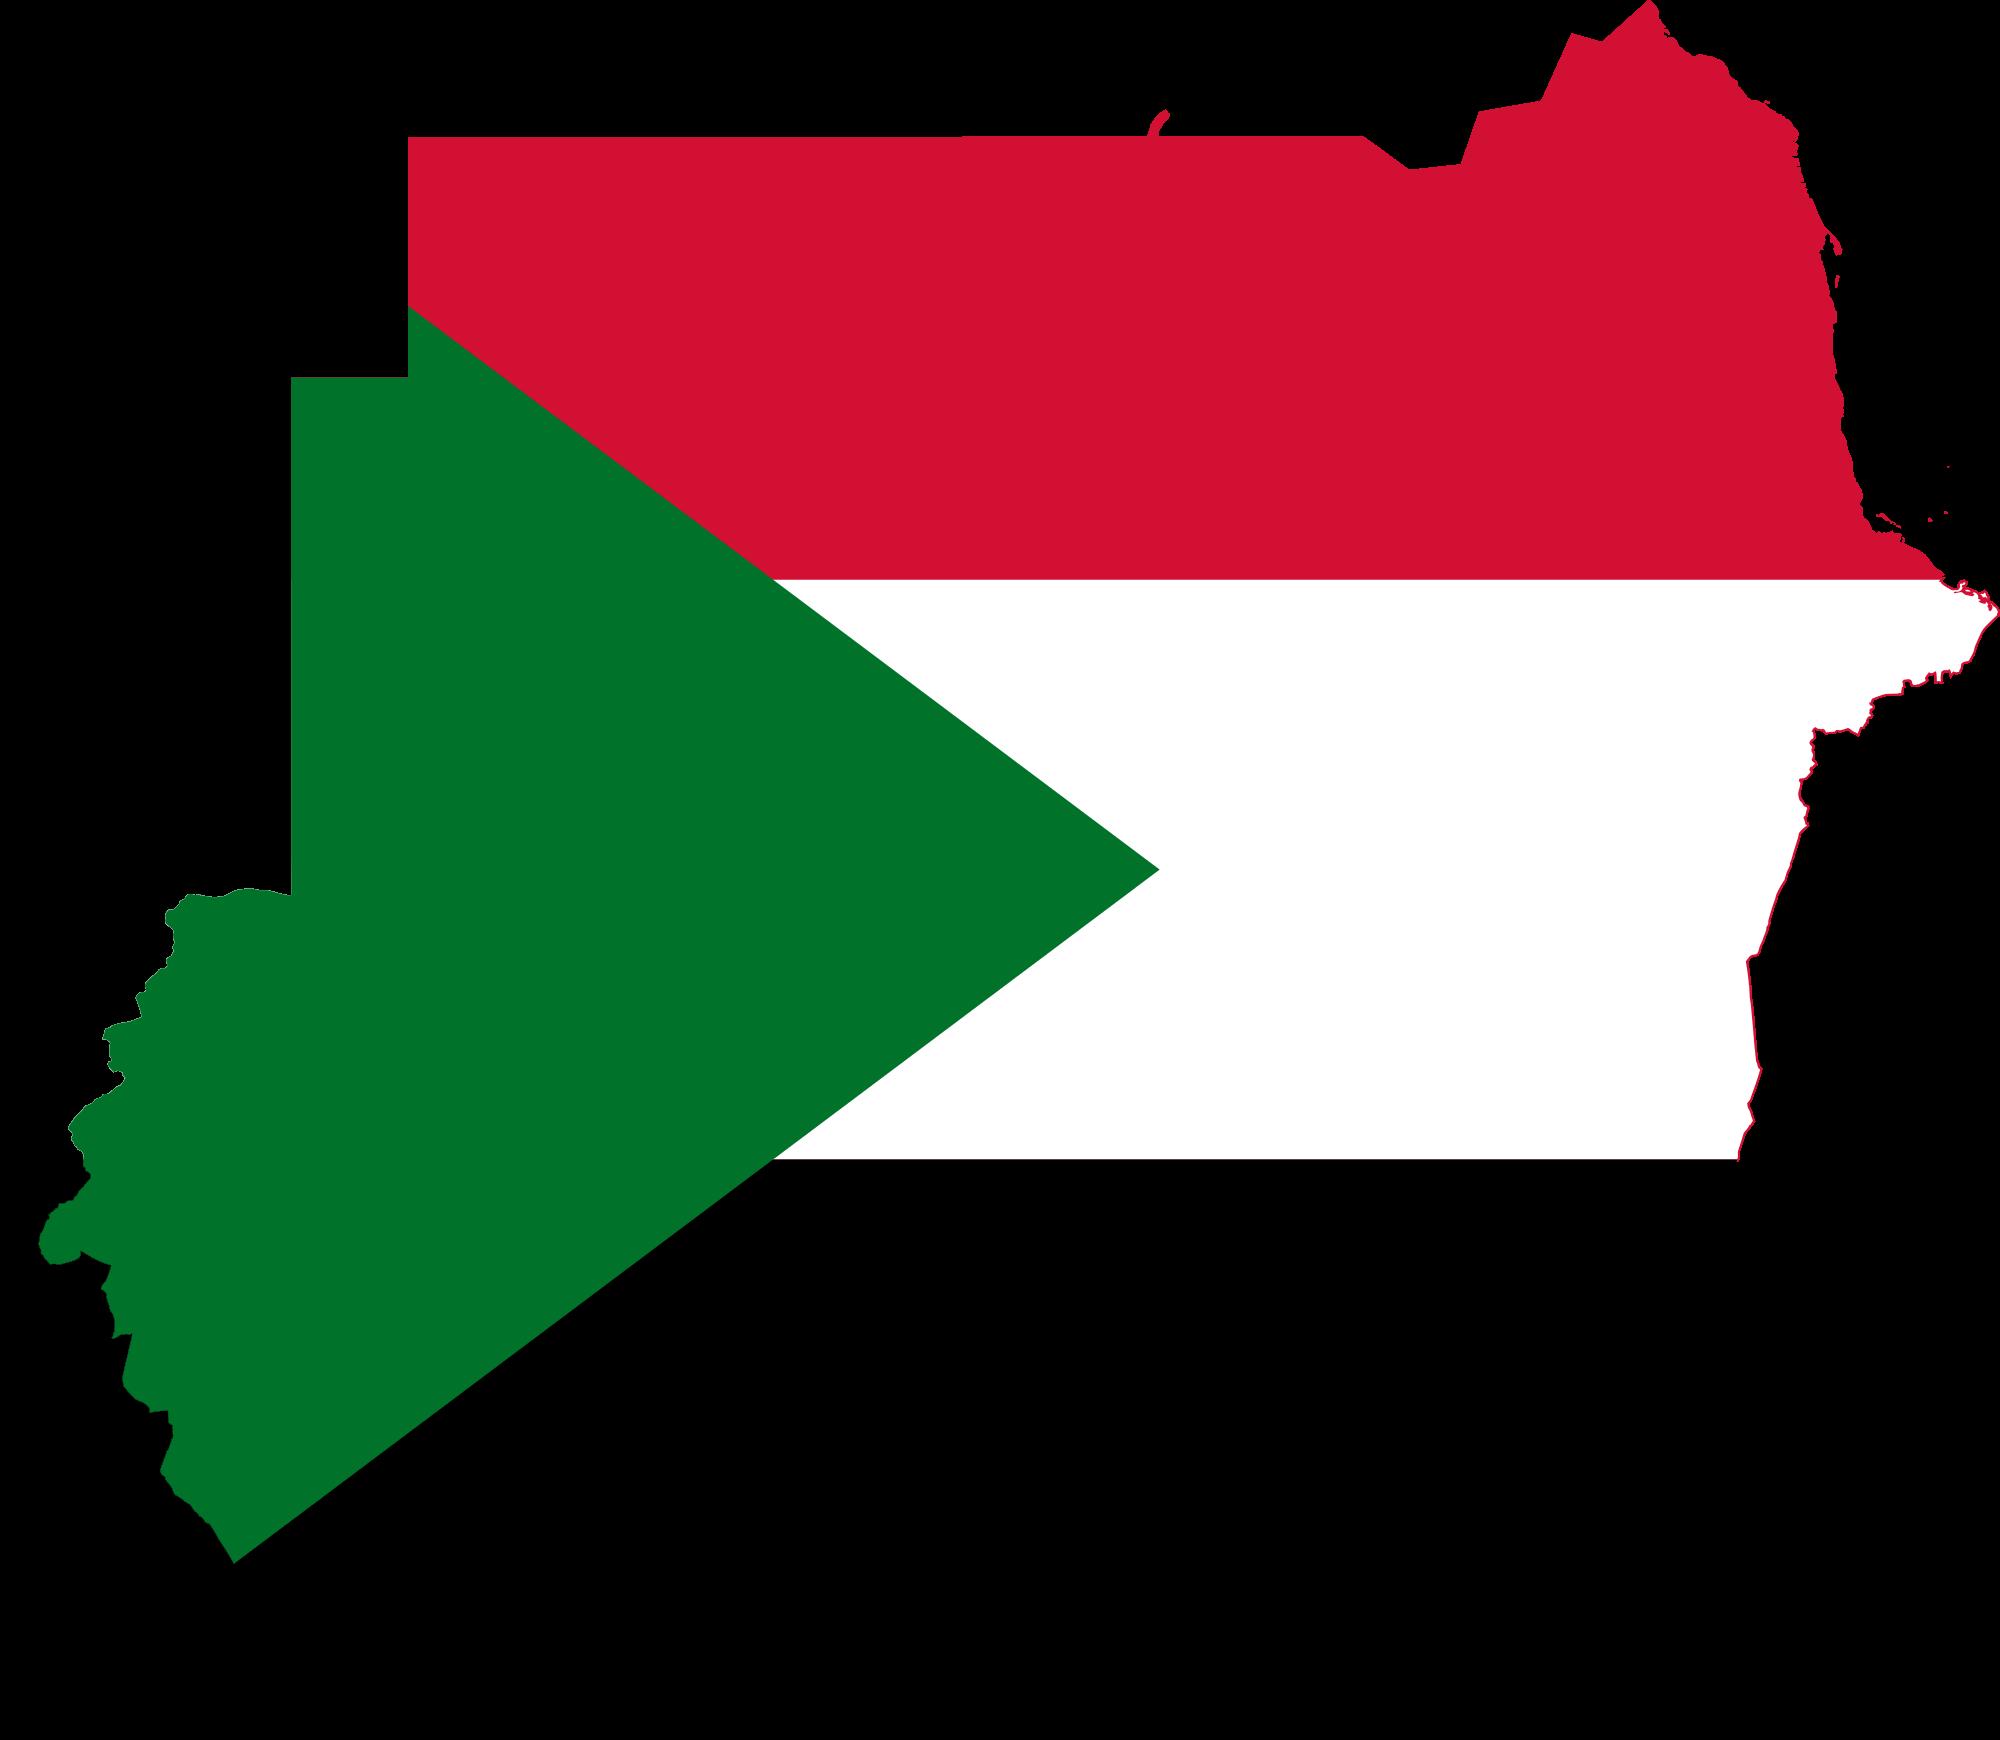 خارطة وعلم السودان